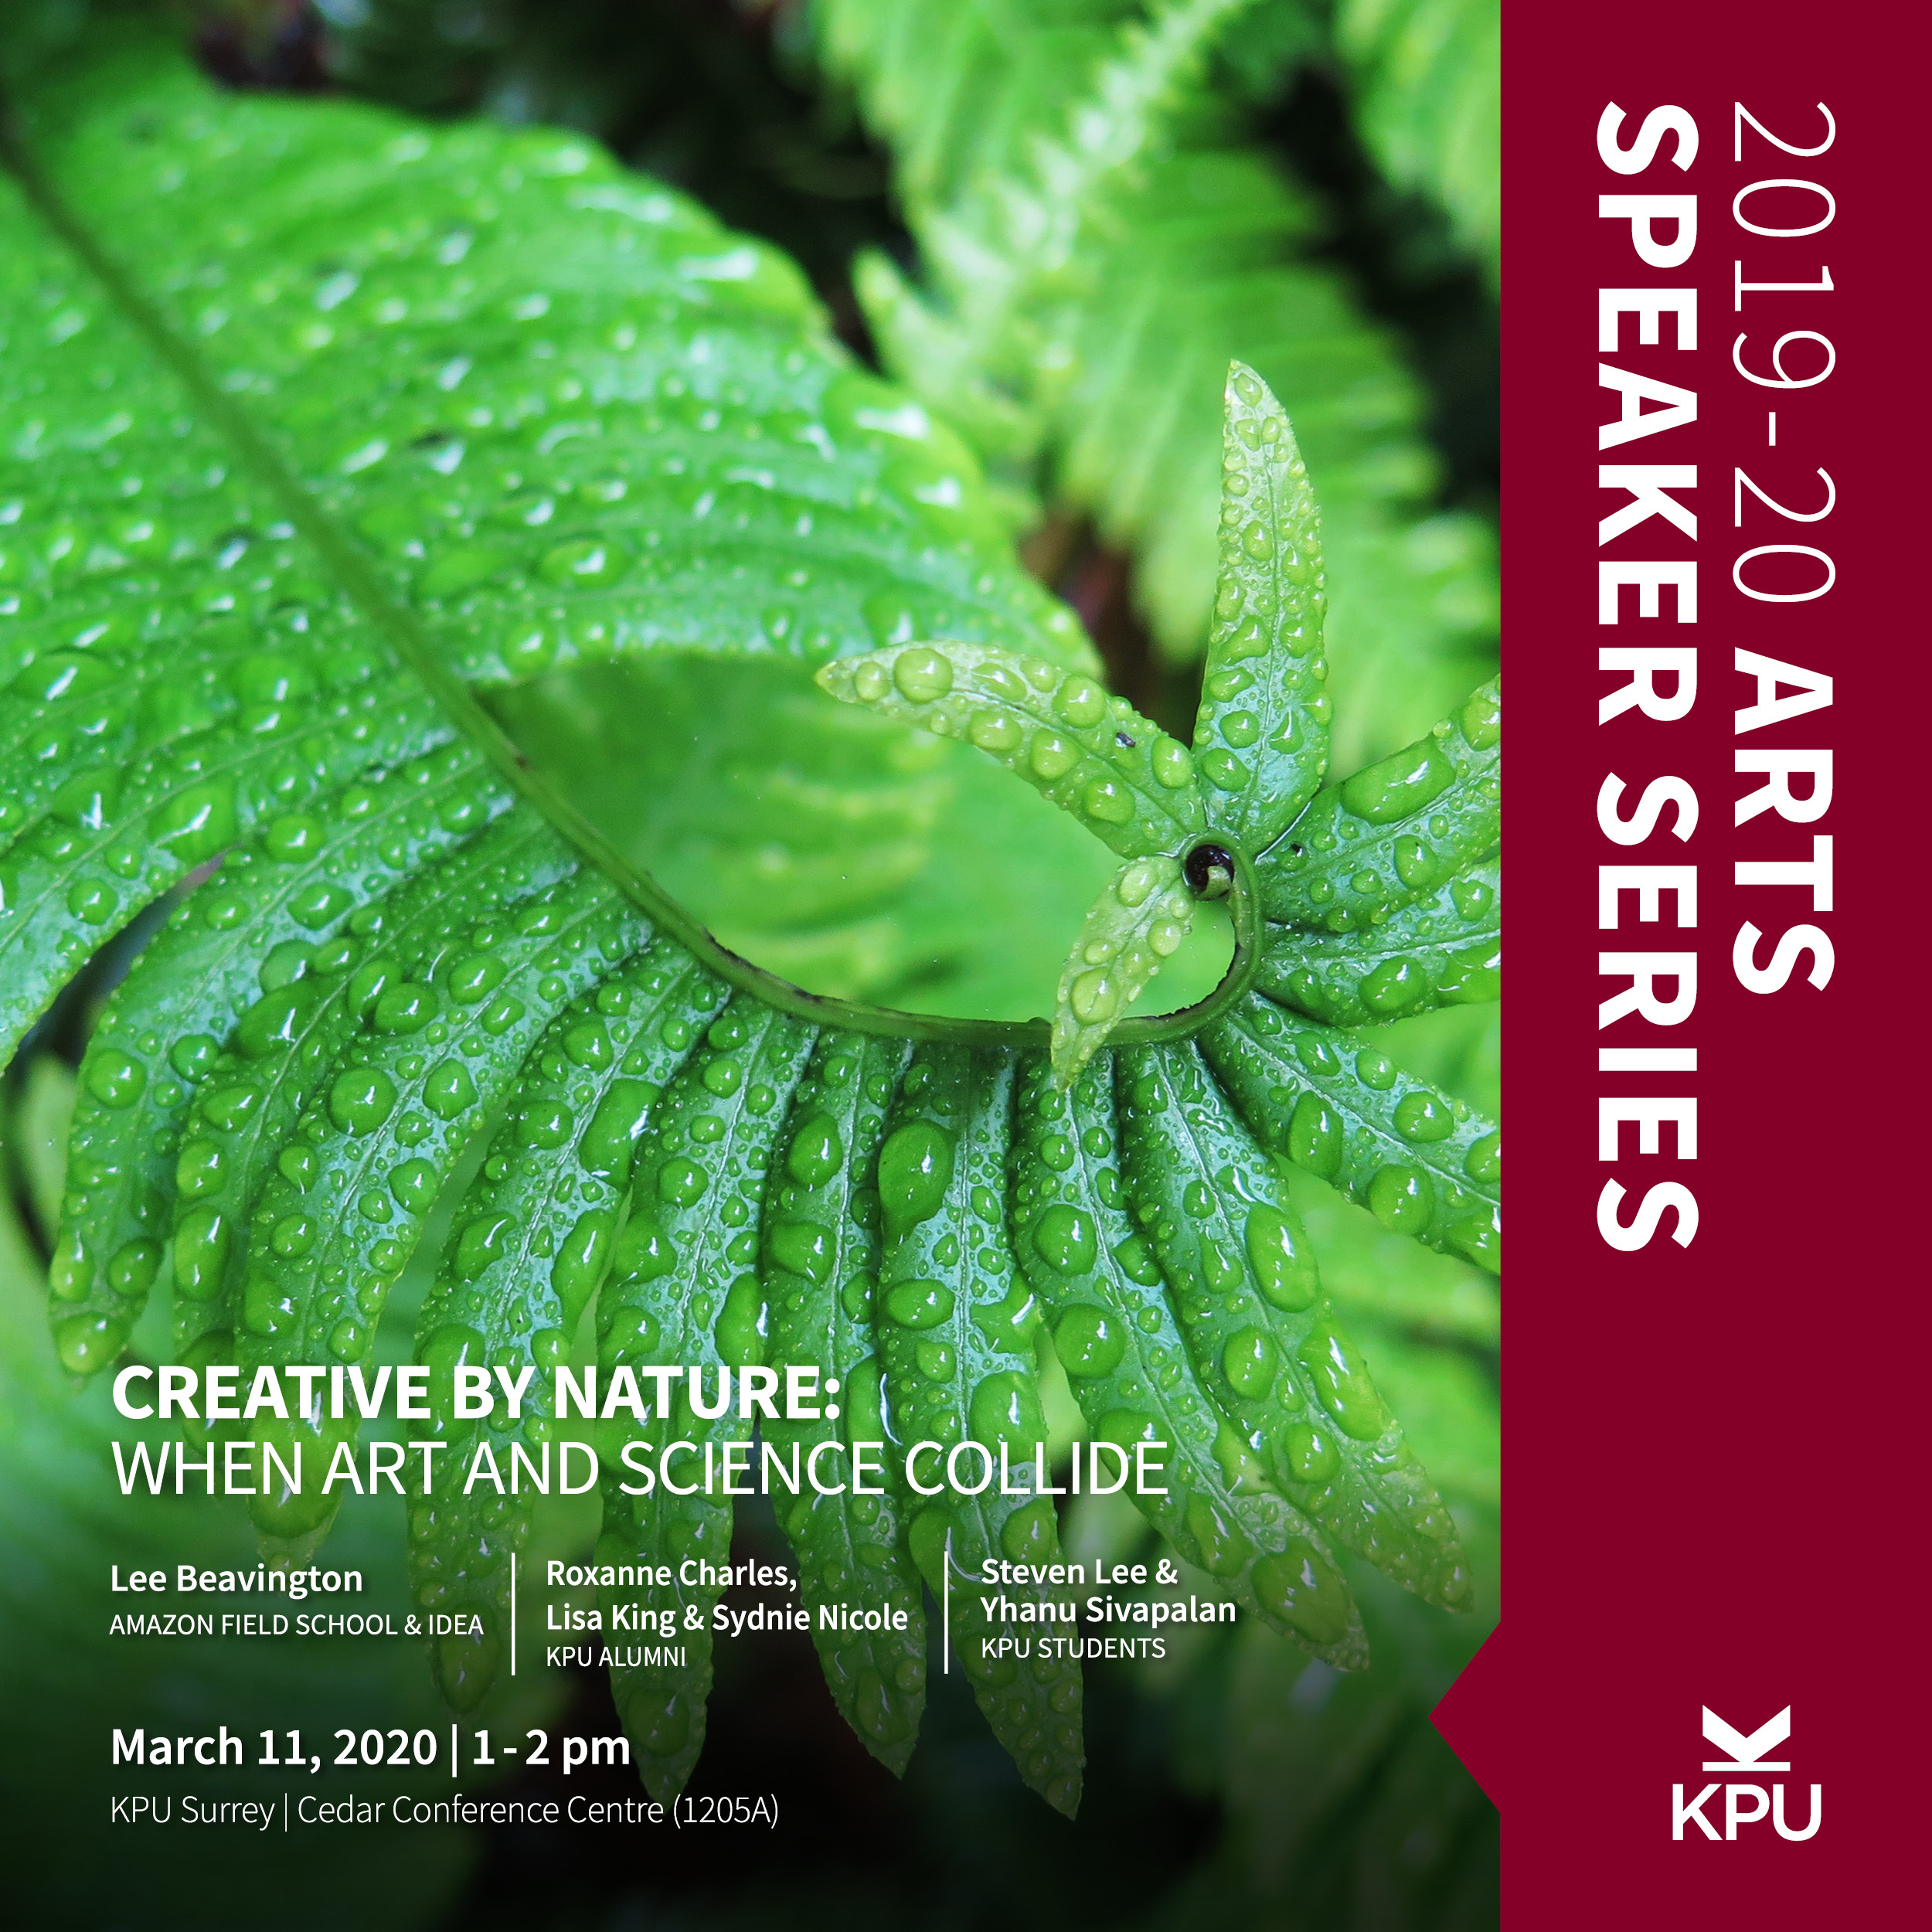 KPU Arts Speaker Series